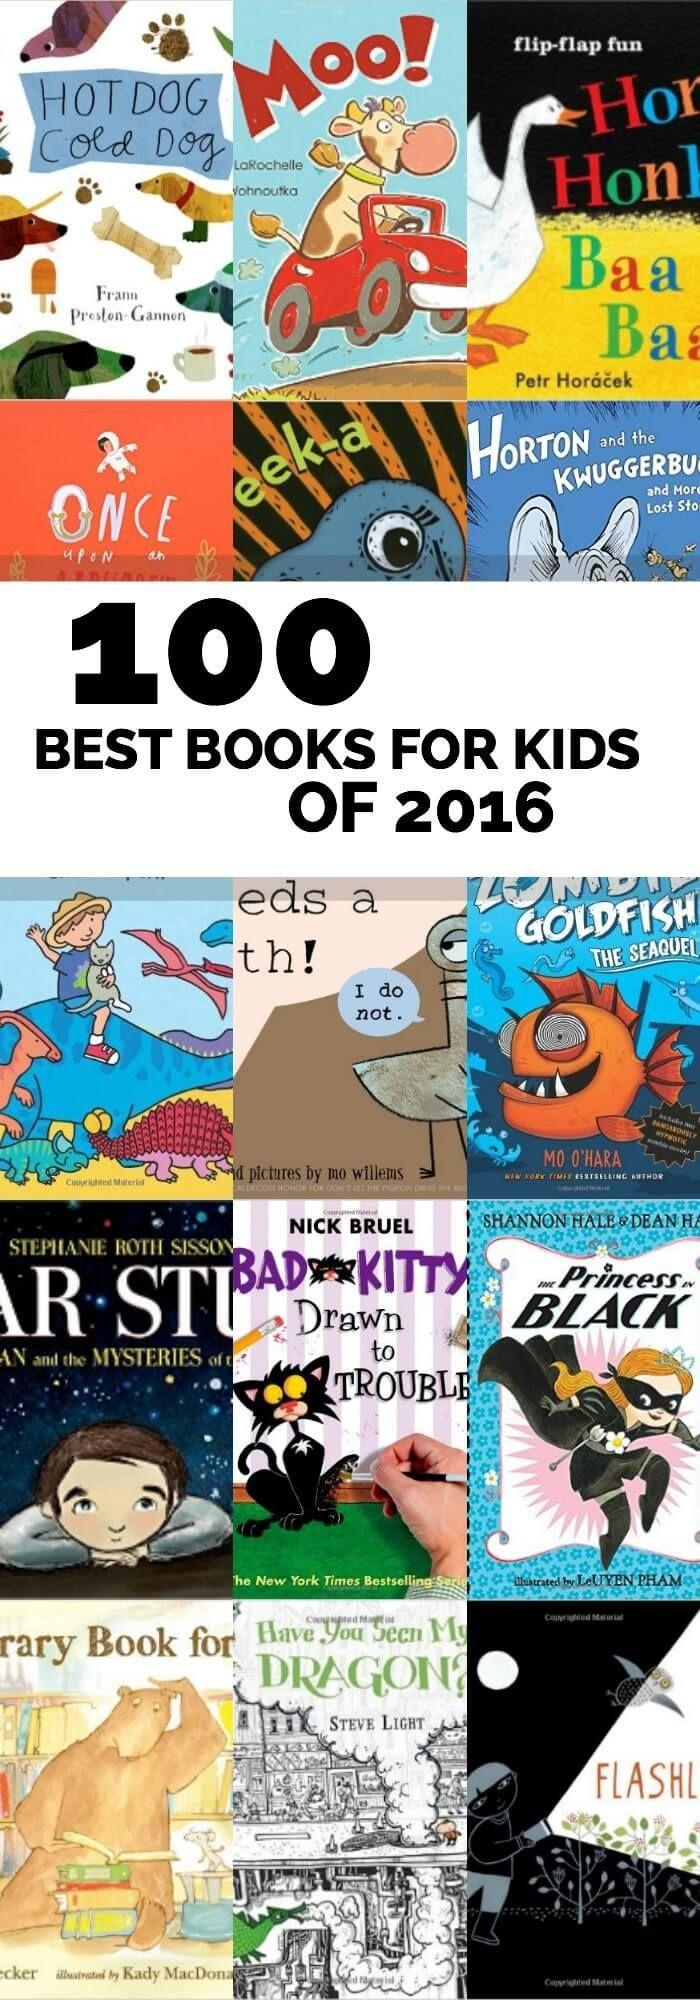 236 best Exploring Books images on Pinterest | Children\u0027s books ...